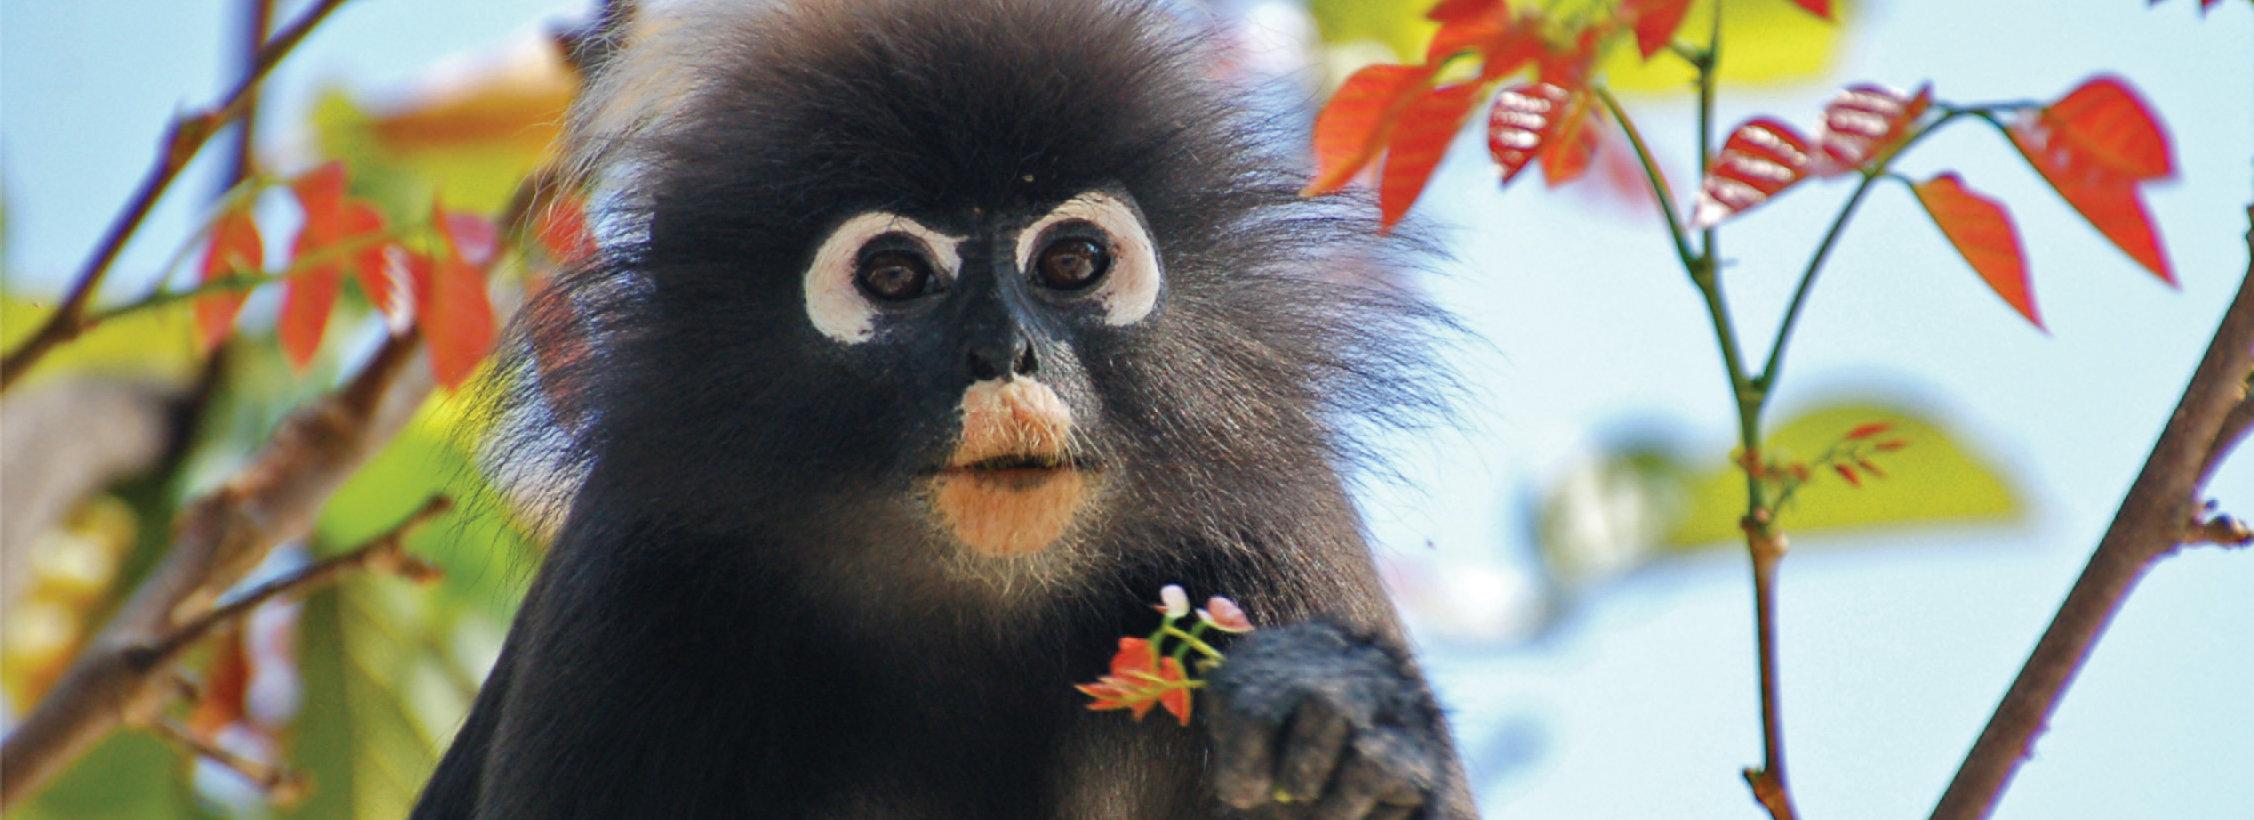 monkey-langkawi